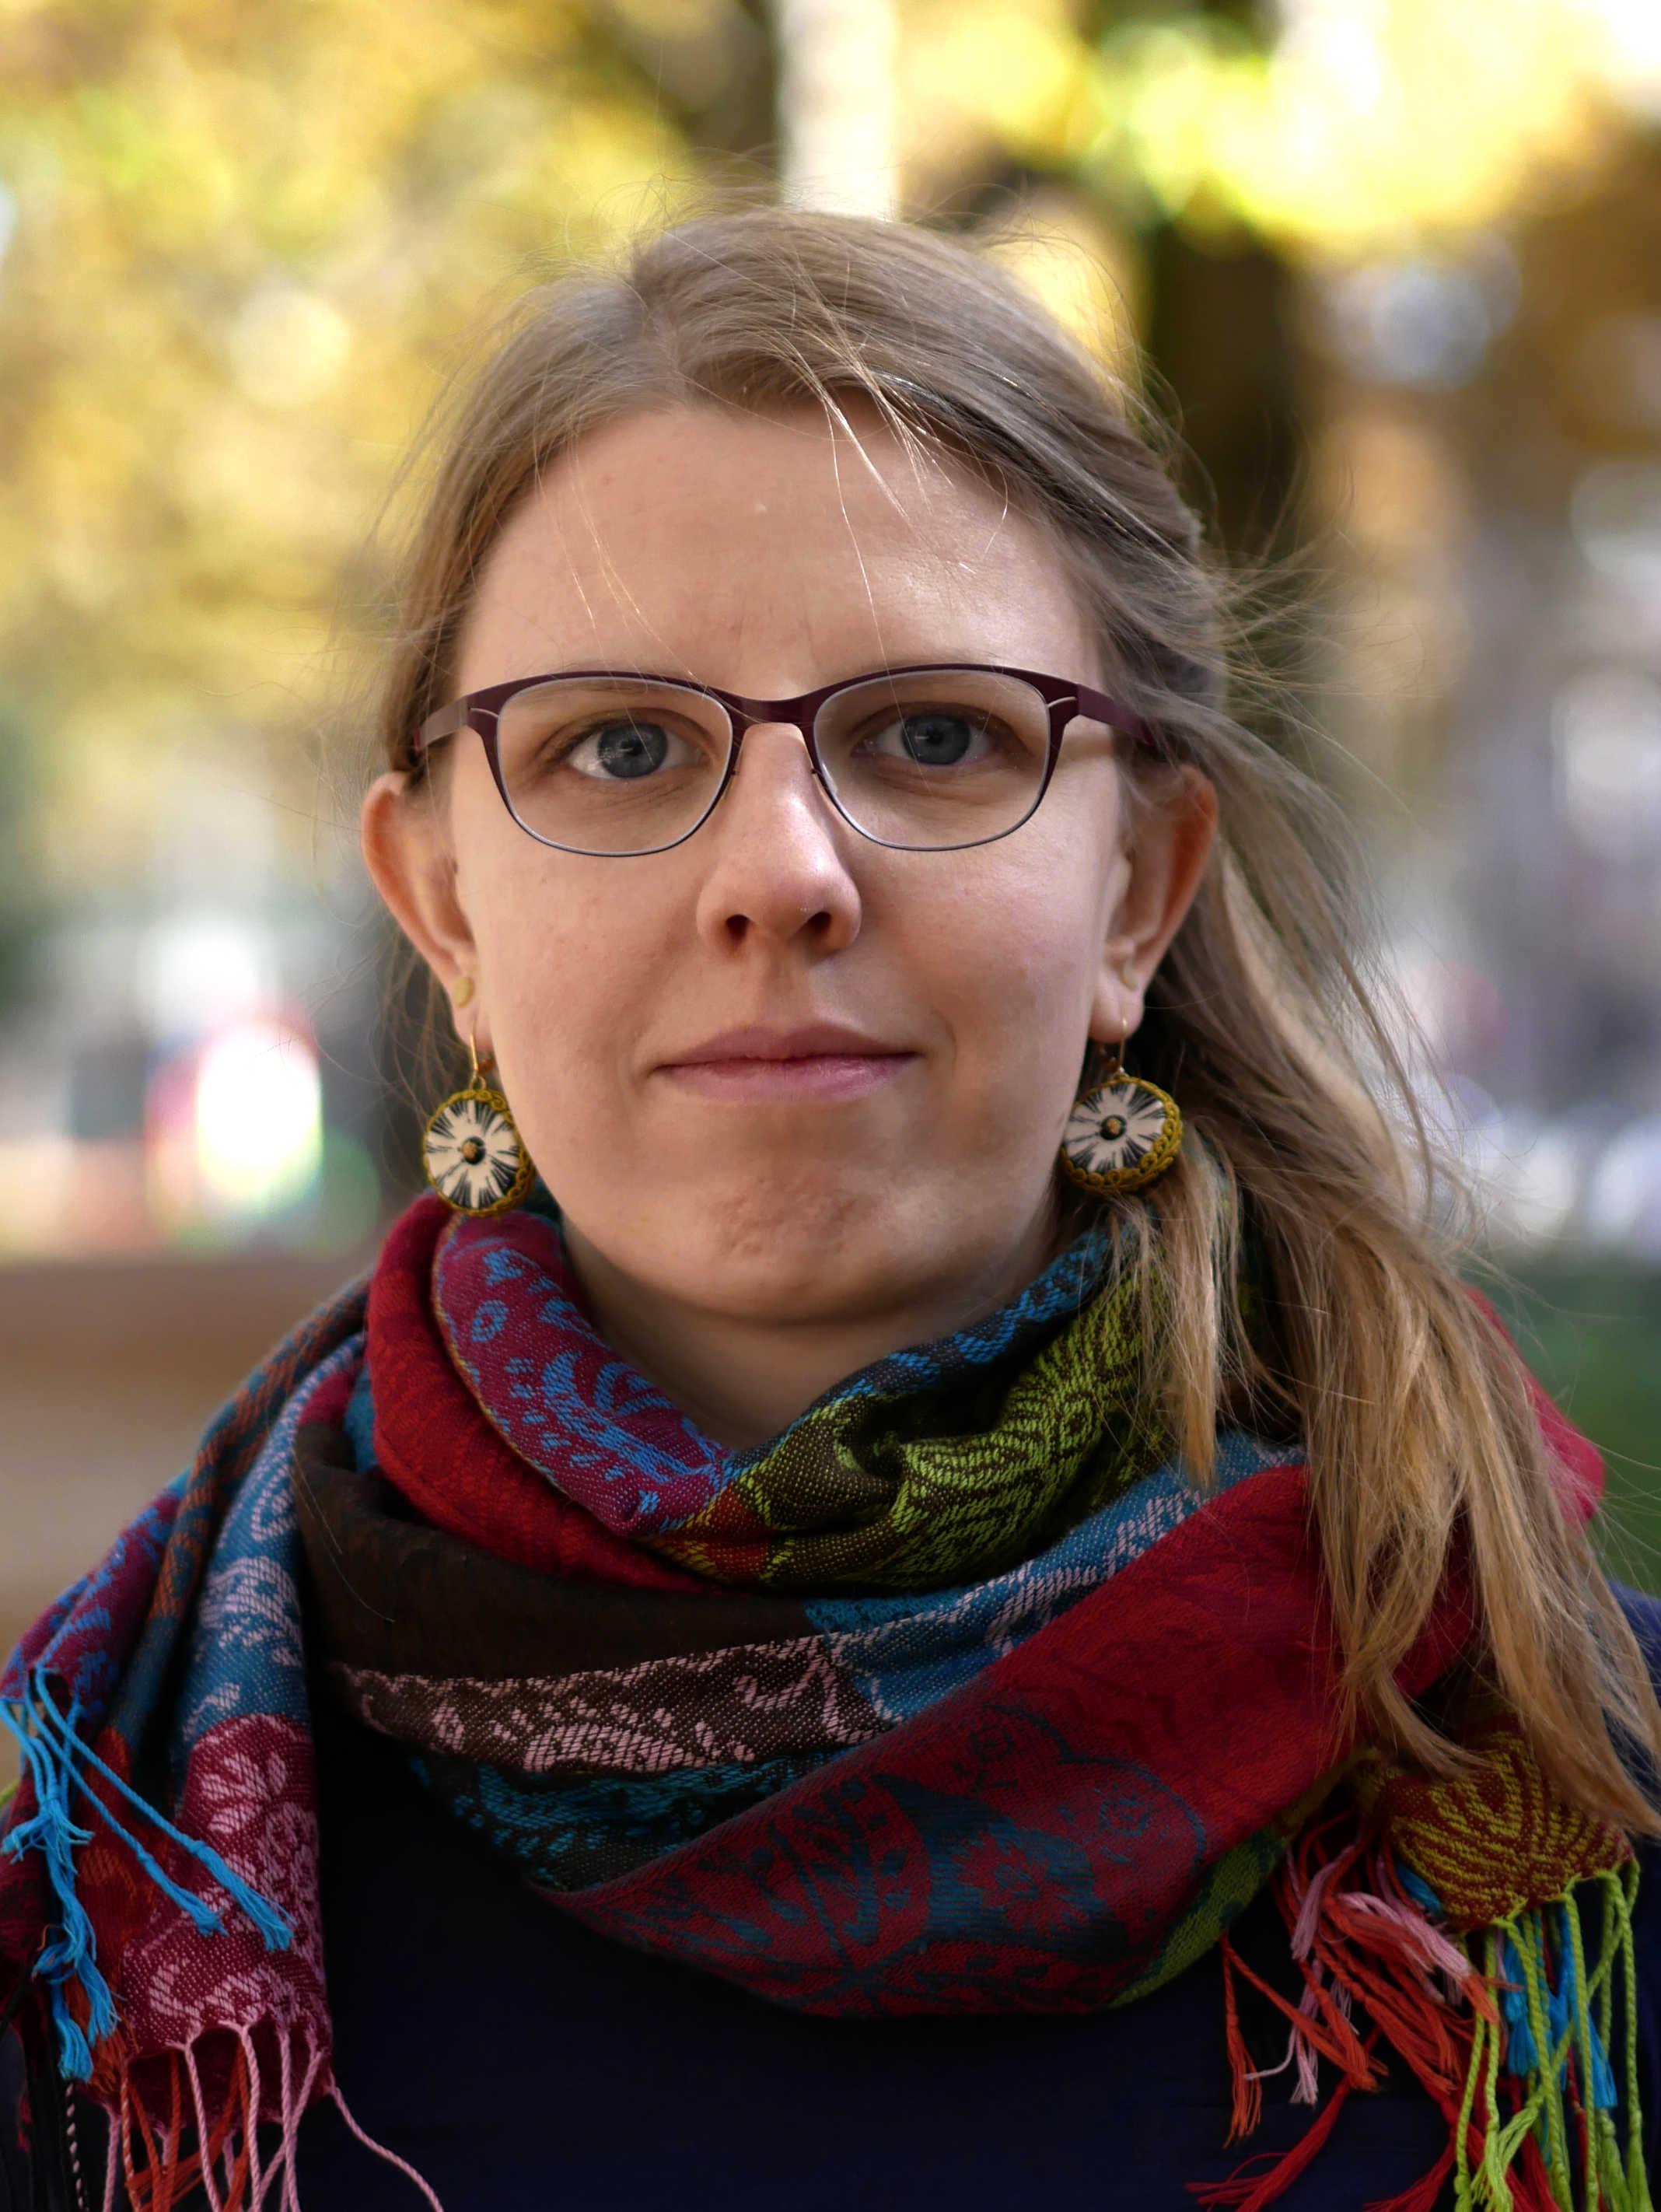 Marit Kleinmanns